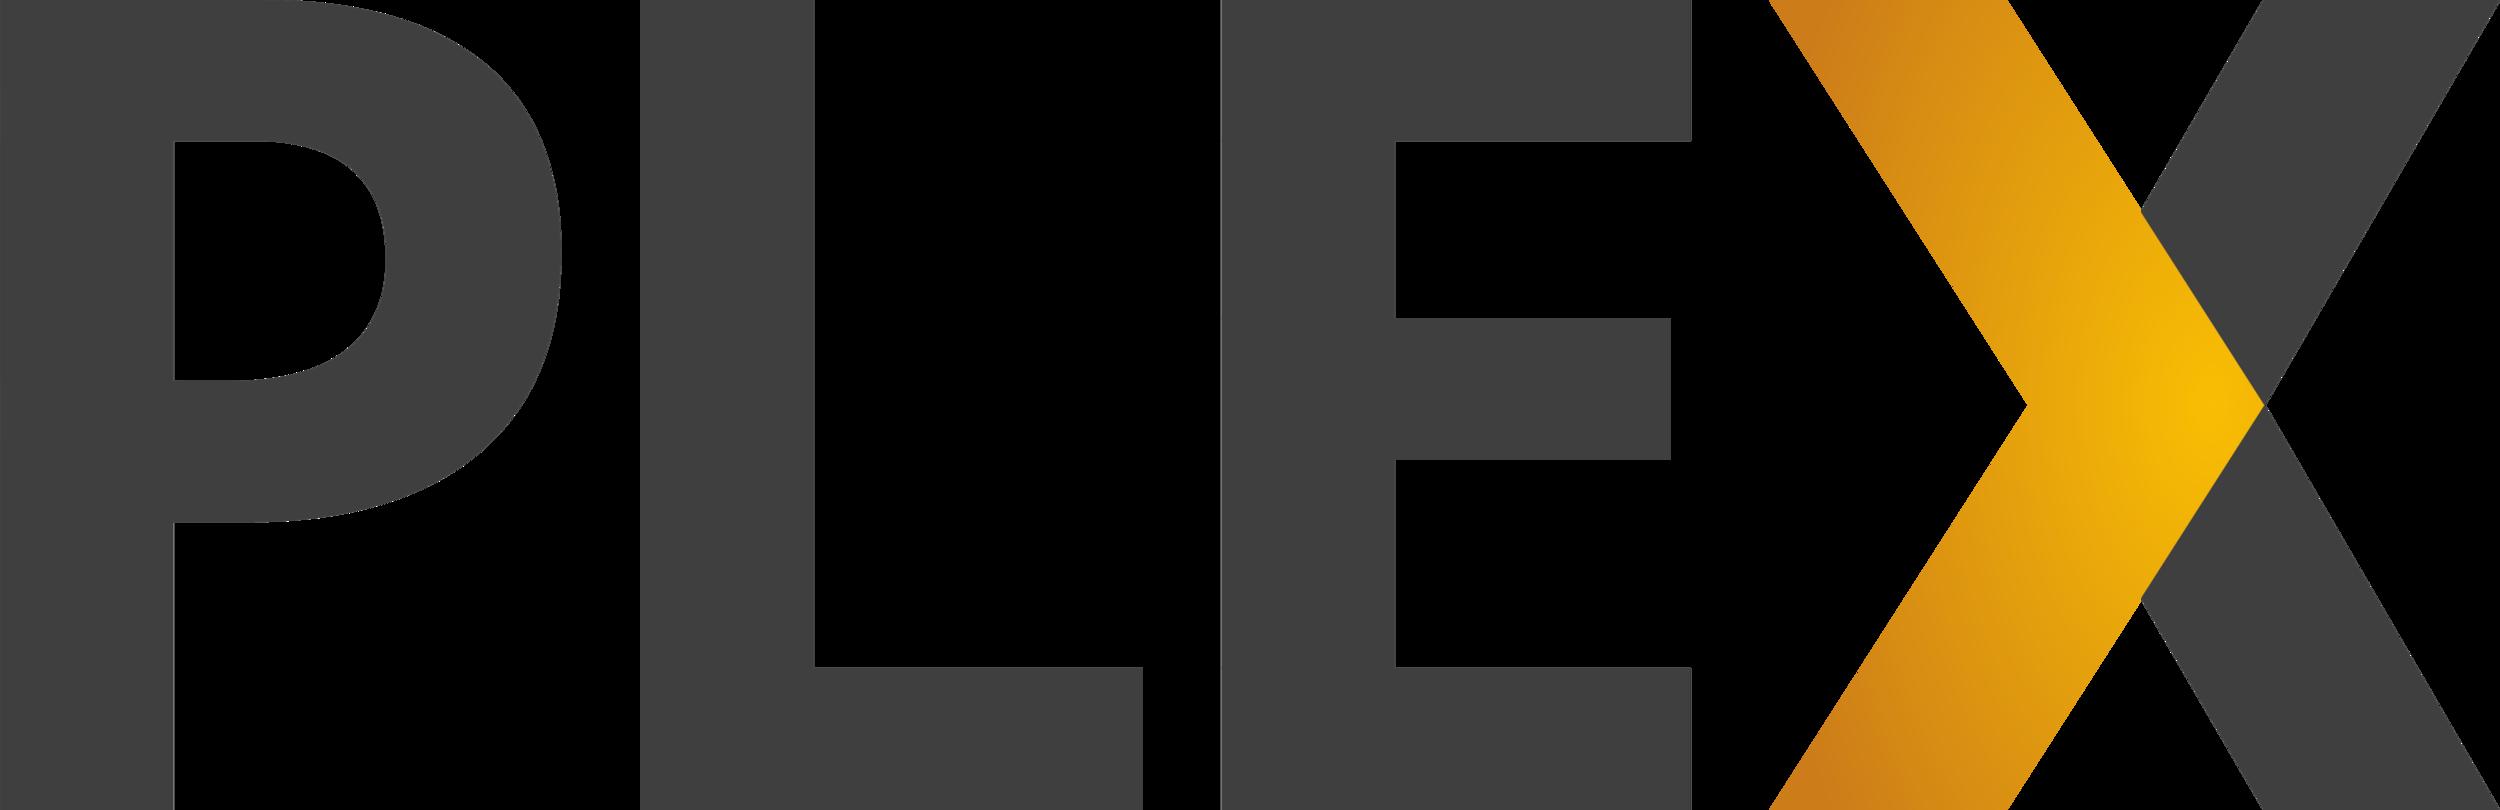 Plex_logo.png